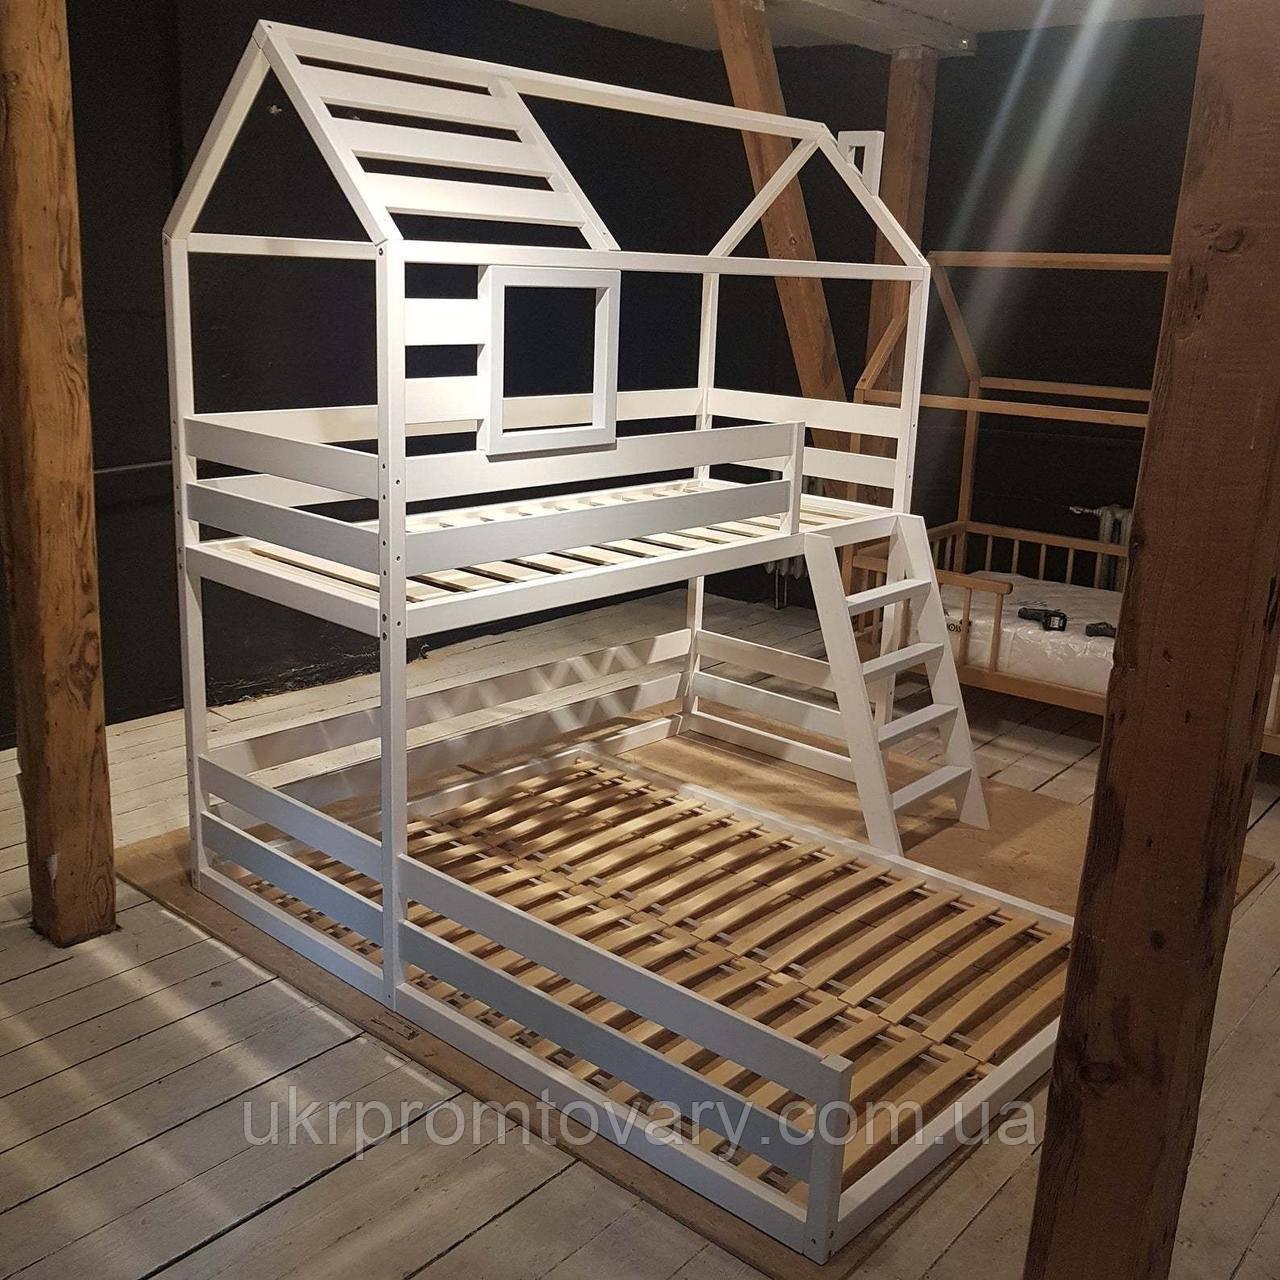 Кровать LOFT DESIGN 64028, НАТУРАЛЬНОЕ ДЕРЕВО, мебель Лофт Производство в Киеве